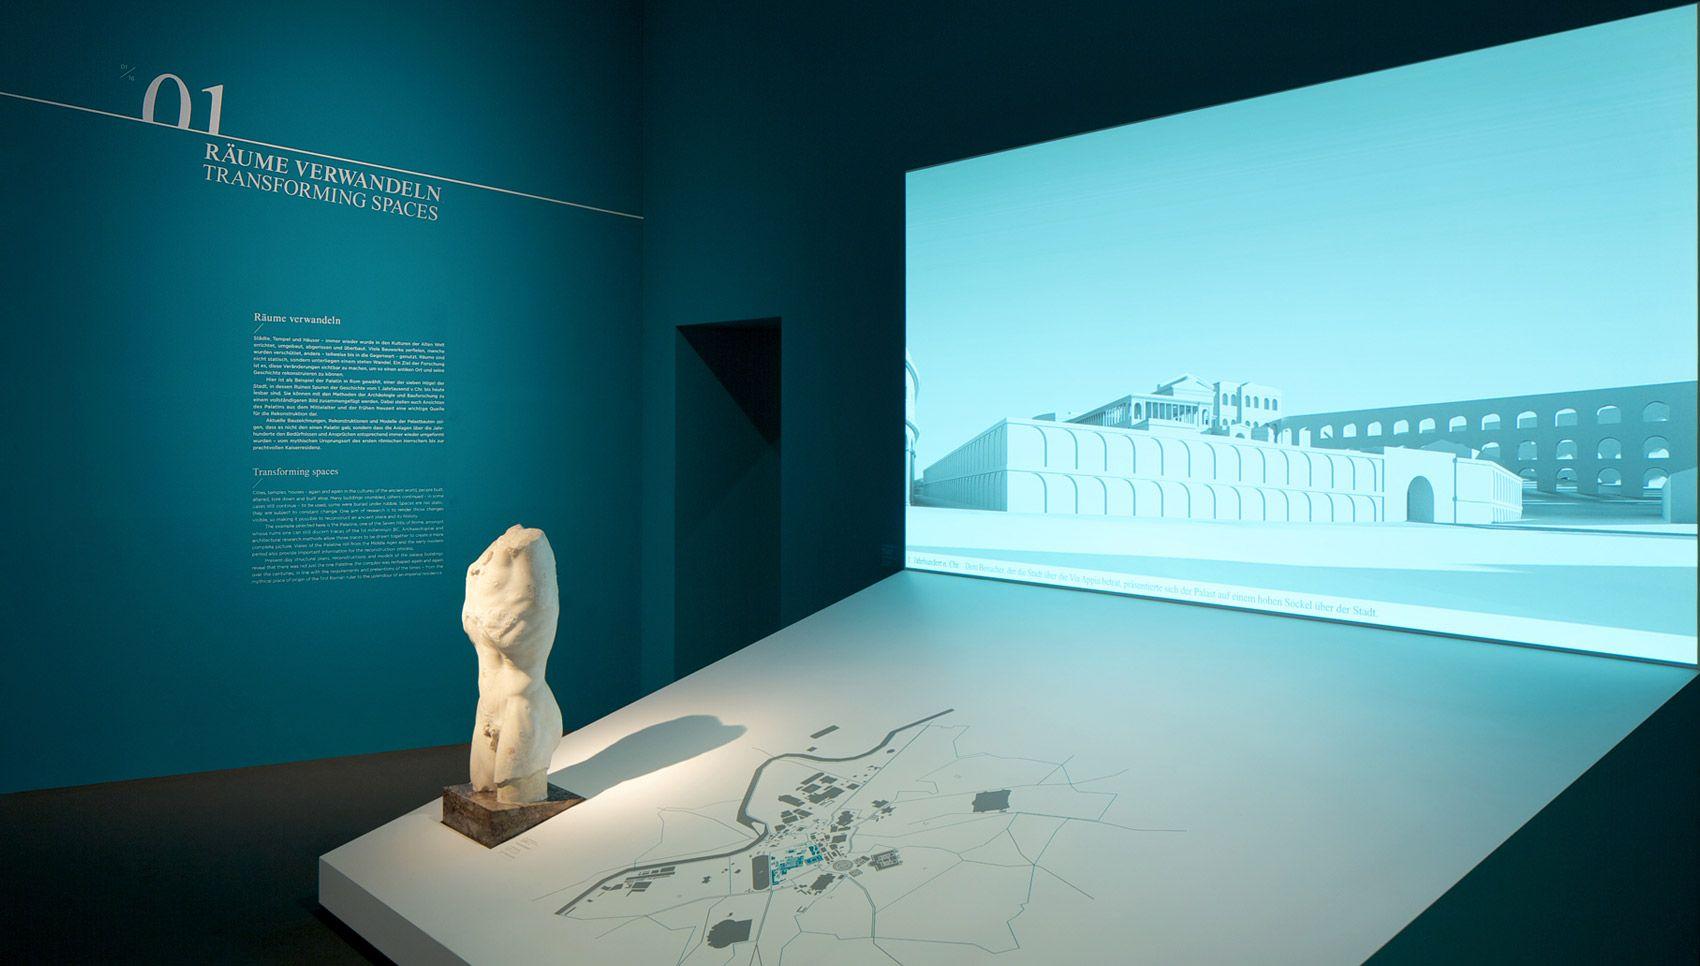 Jenseits Des Horizonts Ausstellungsdesign Pergamonmuseum Berlin Interaktive Ausstellung Ausstellungsdesign Ausstellung